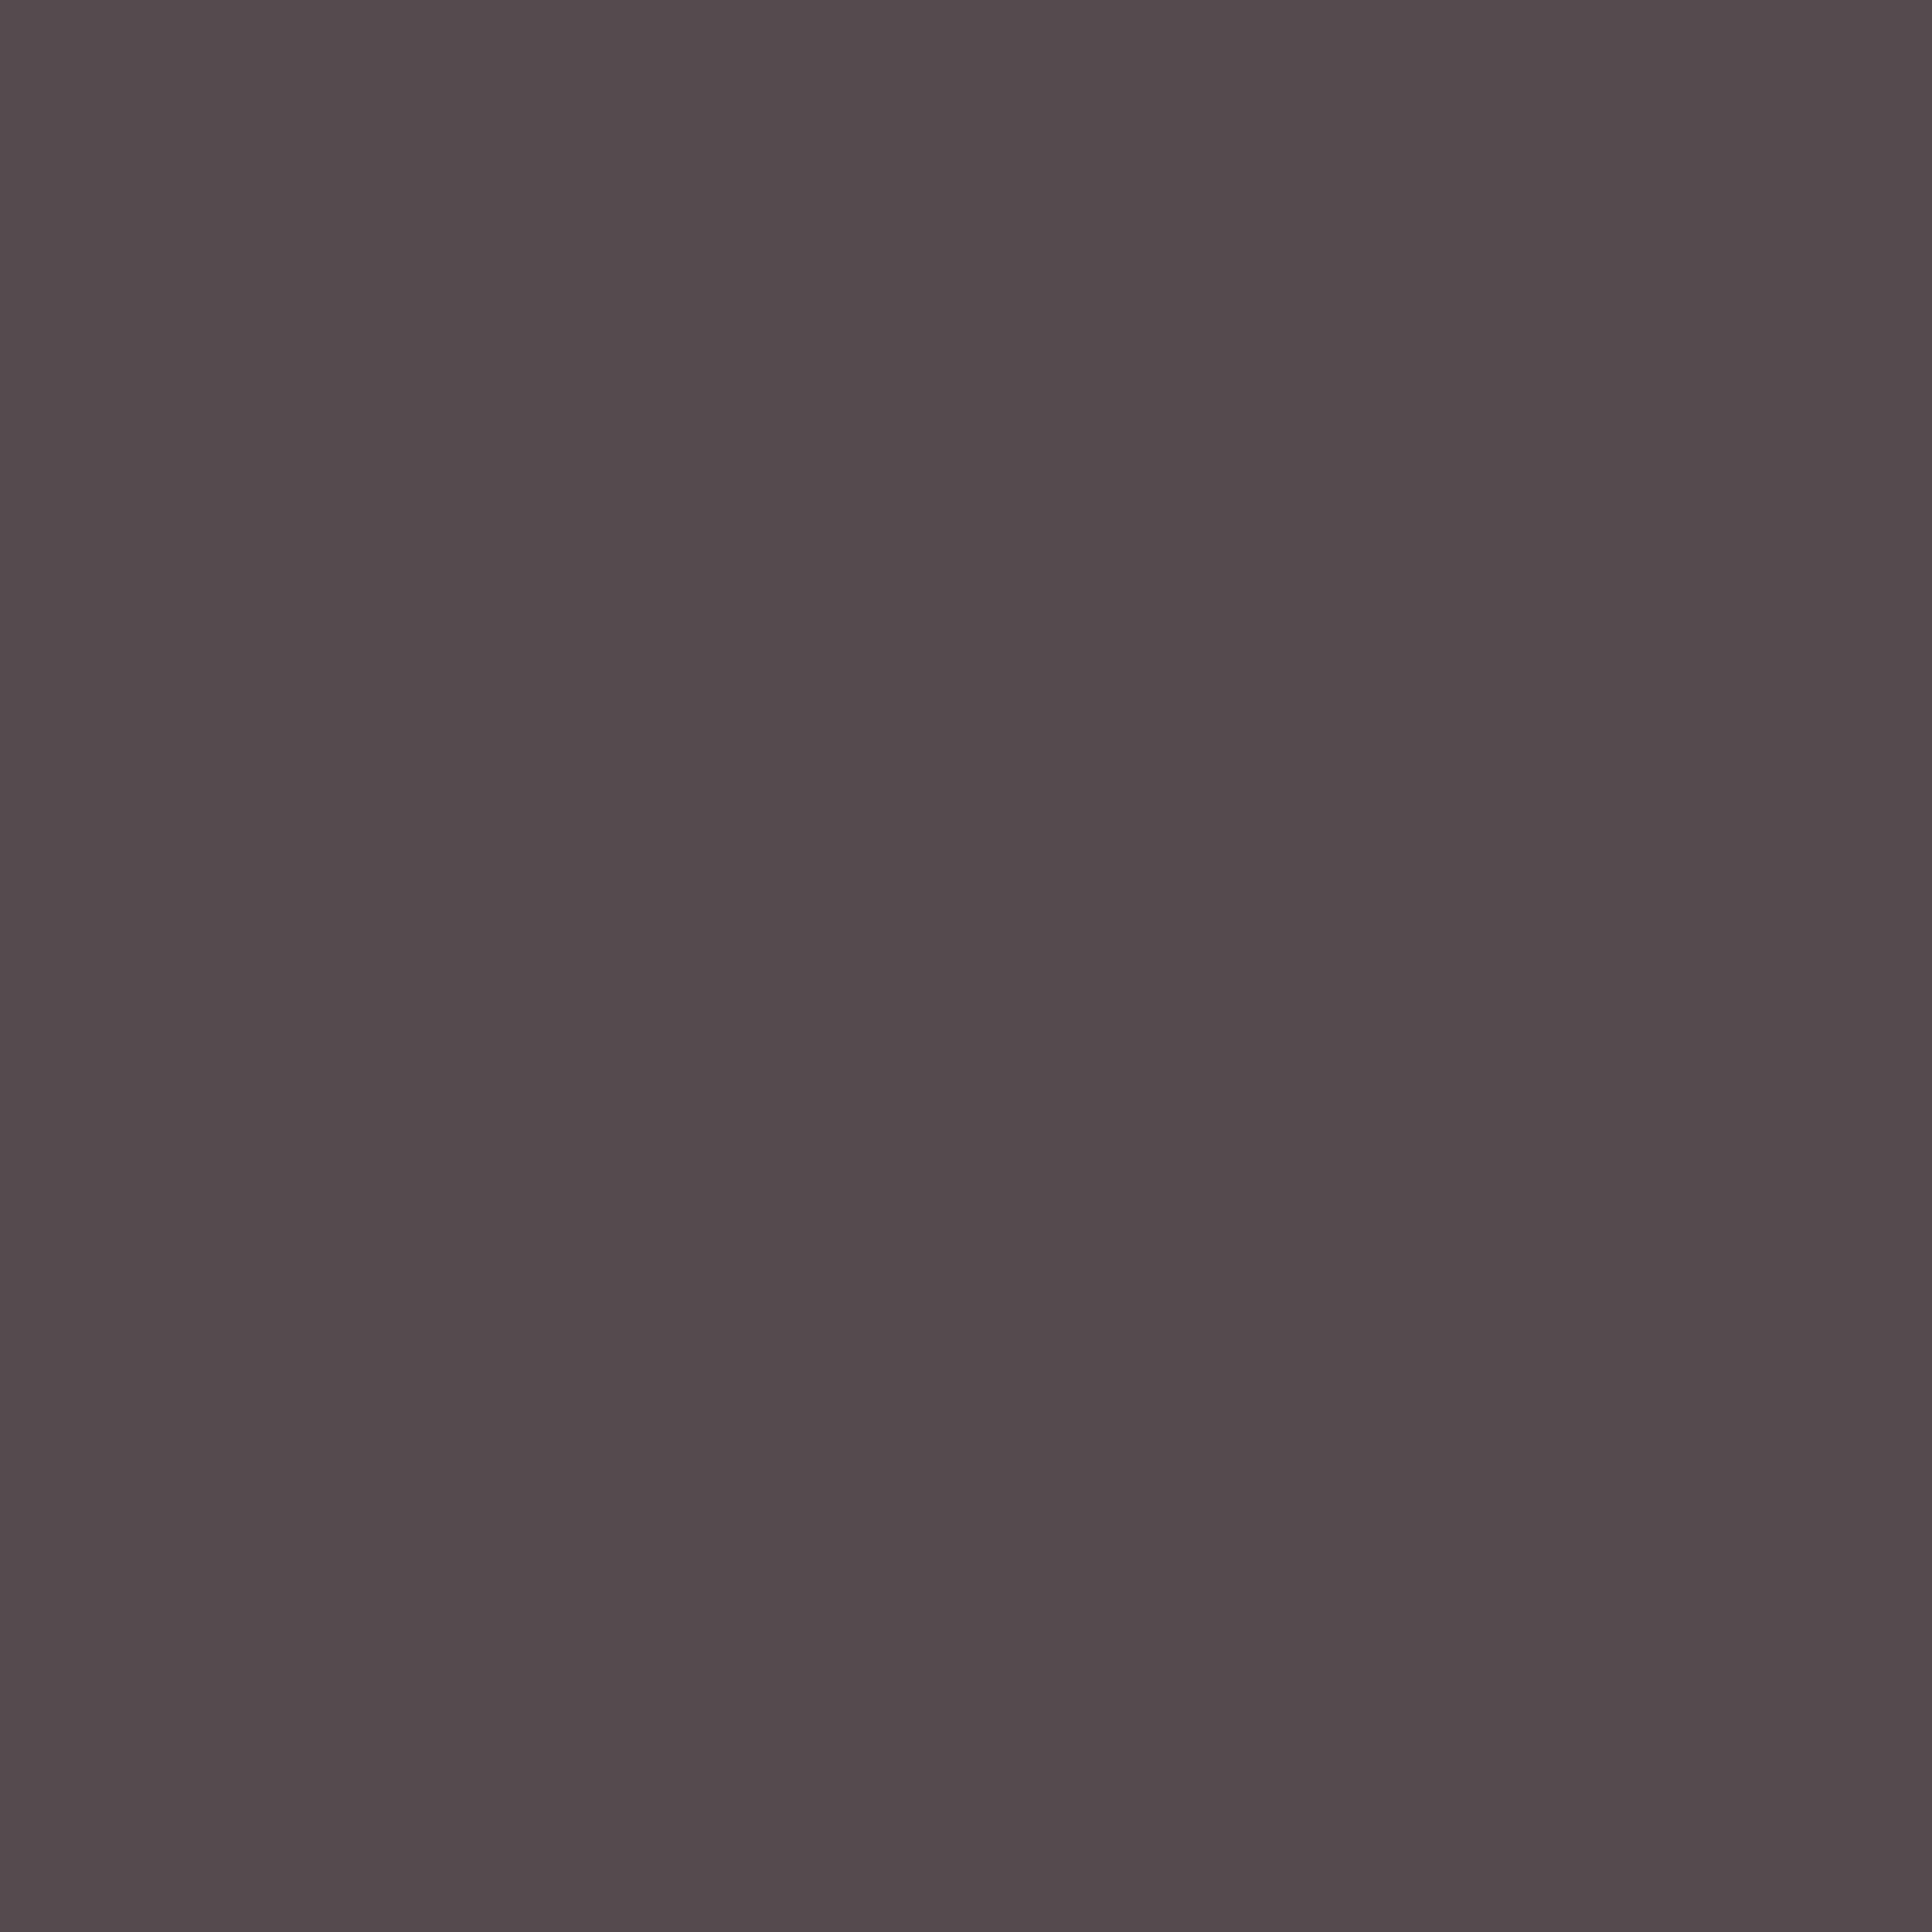 3600x3600 Dark Liver Solid Color Background